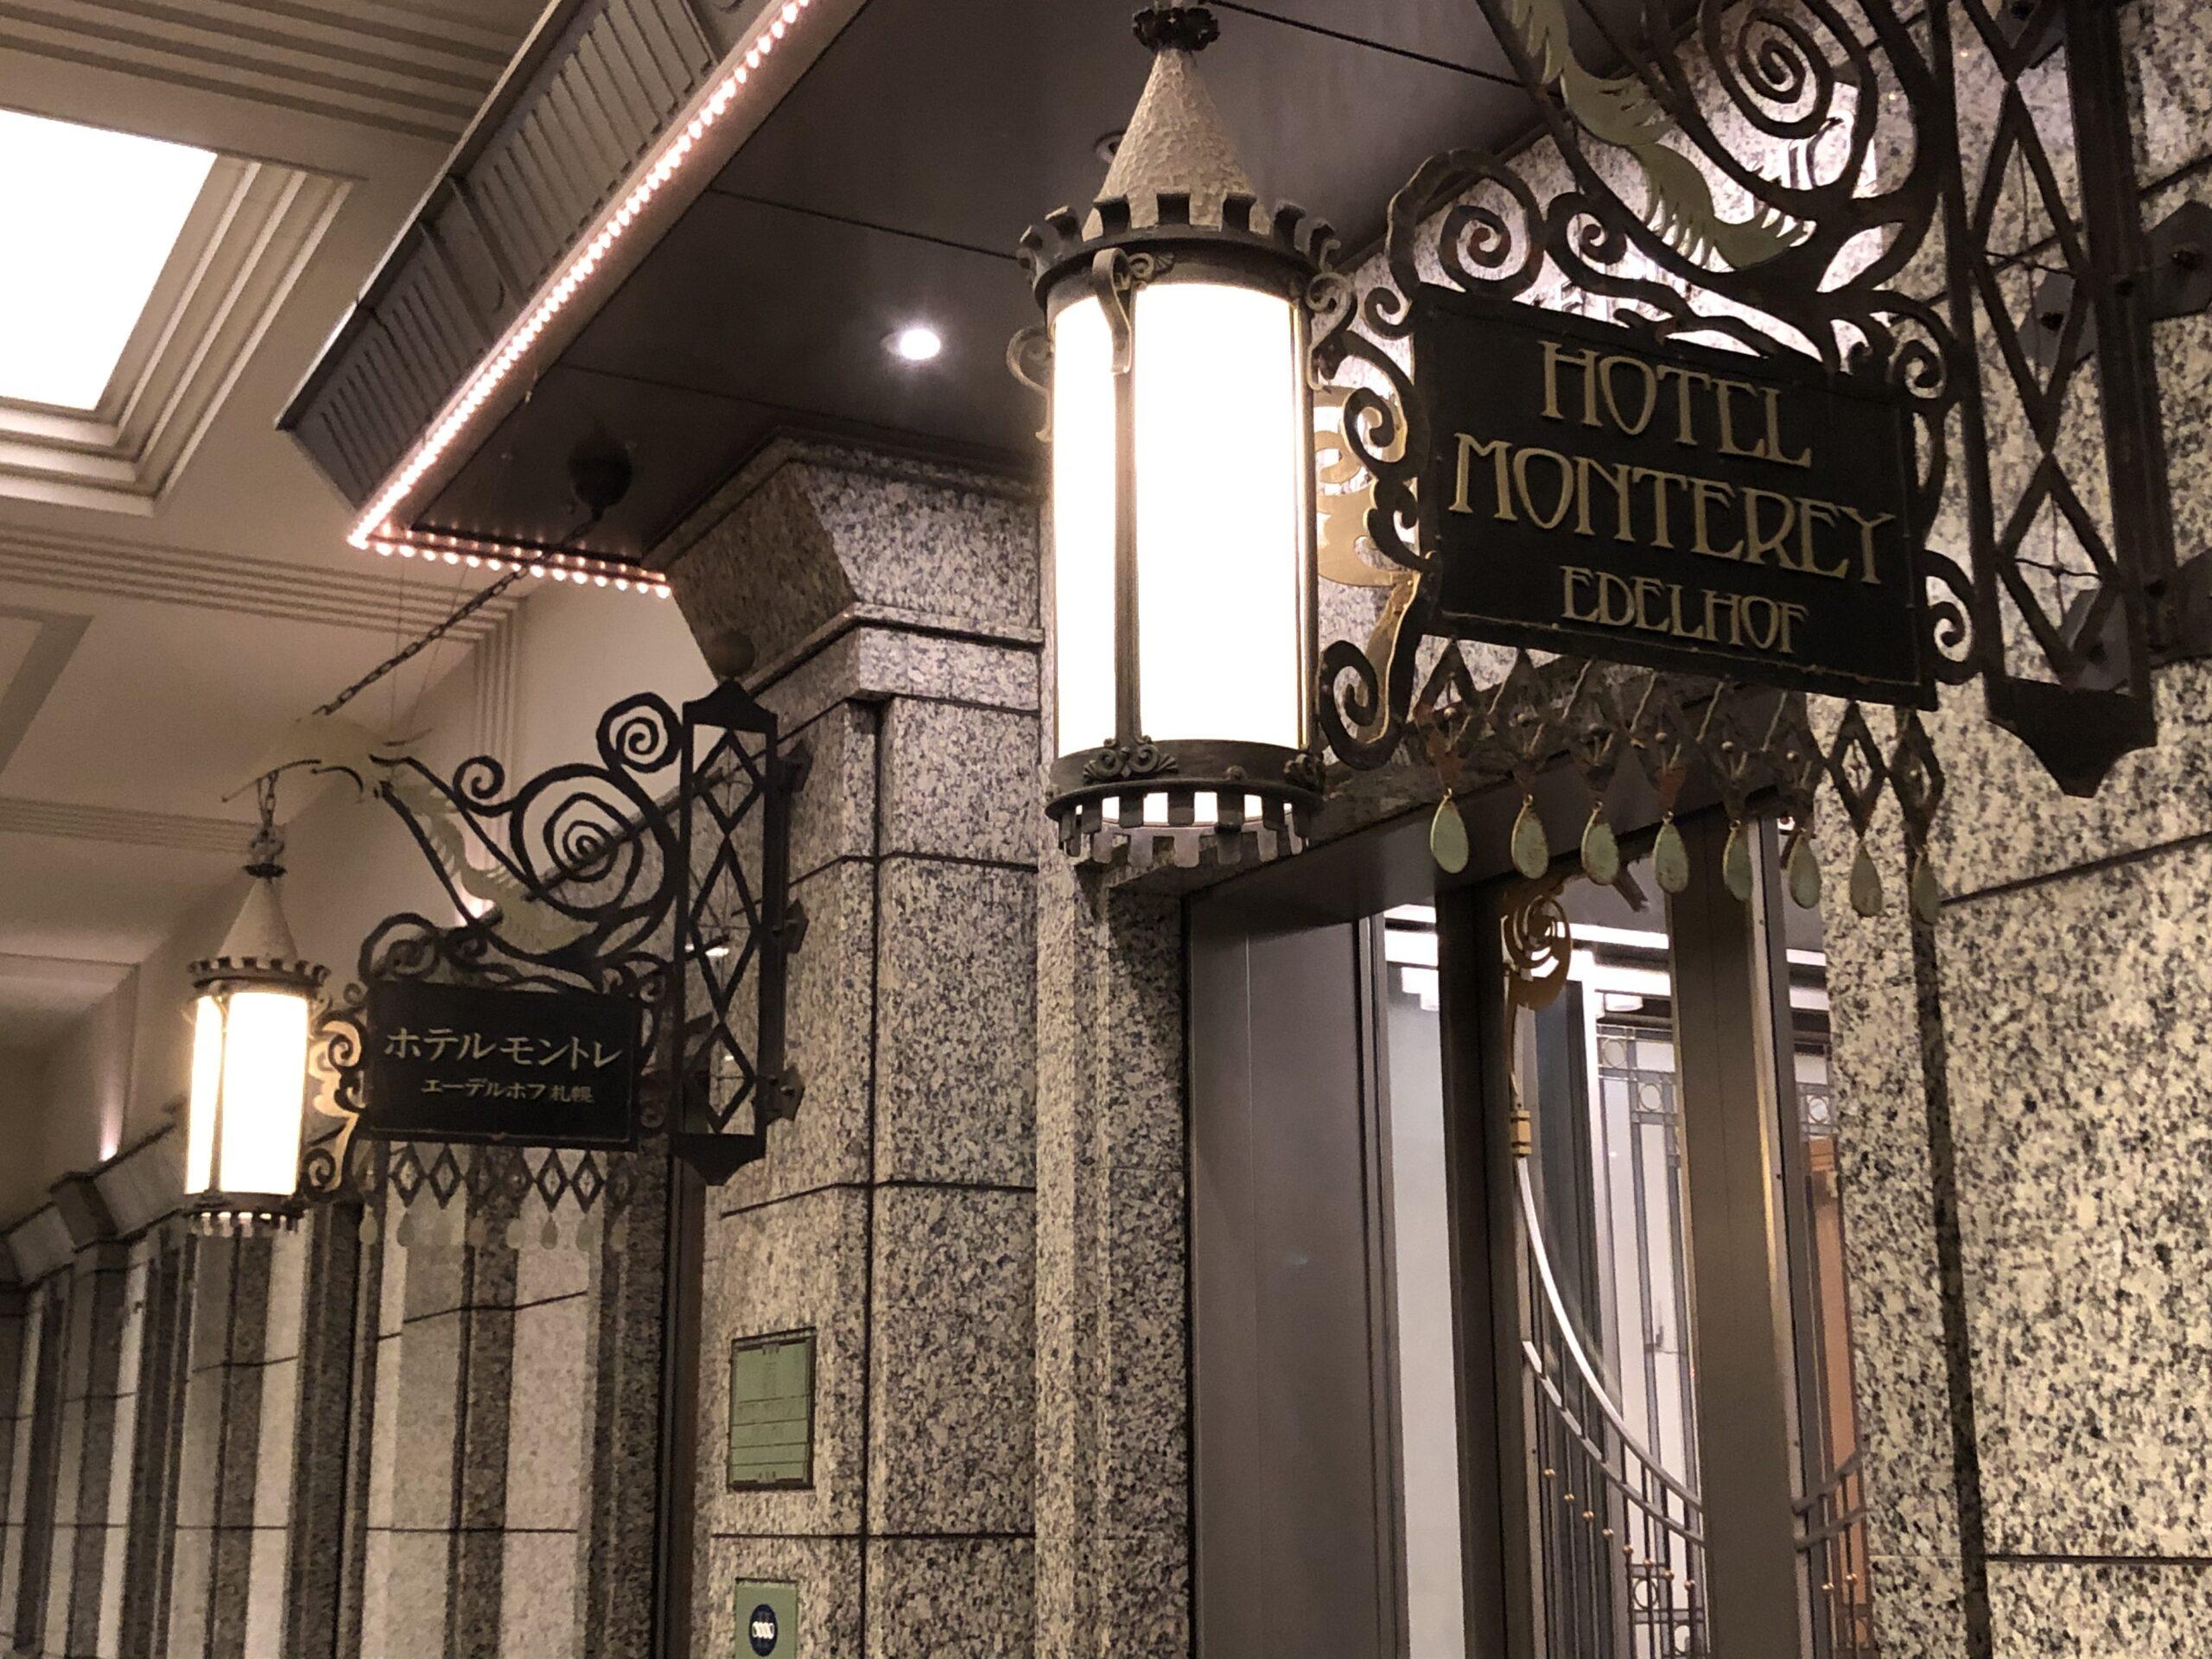 ホテルモントレエーデルホフ札幌のエントランス